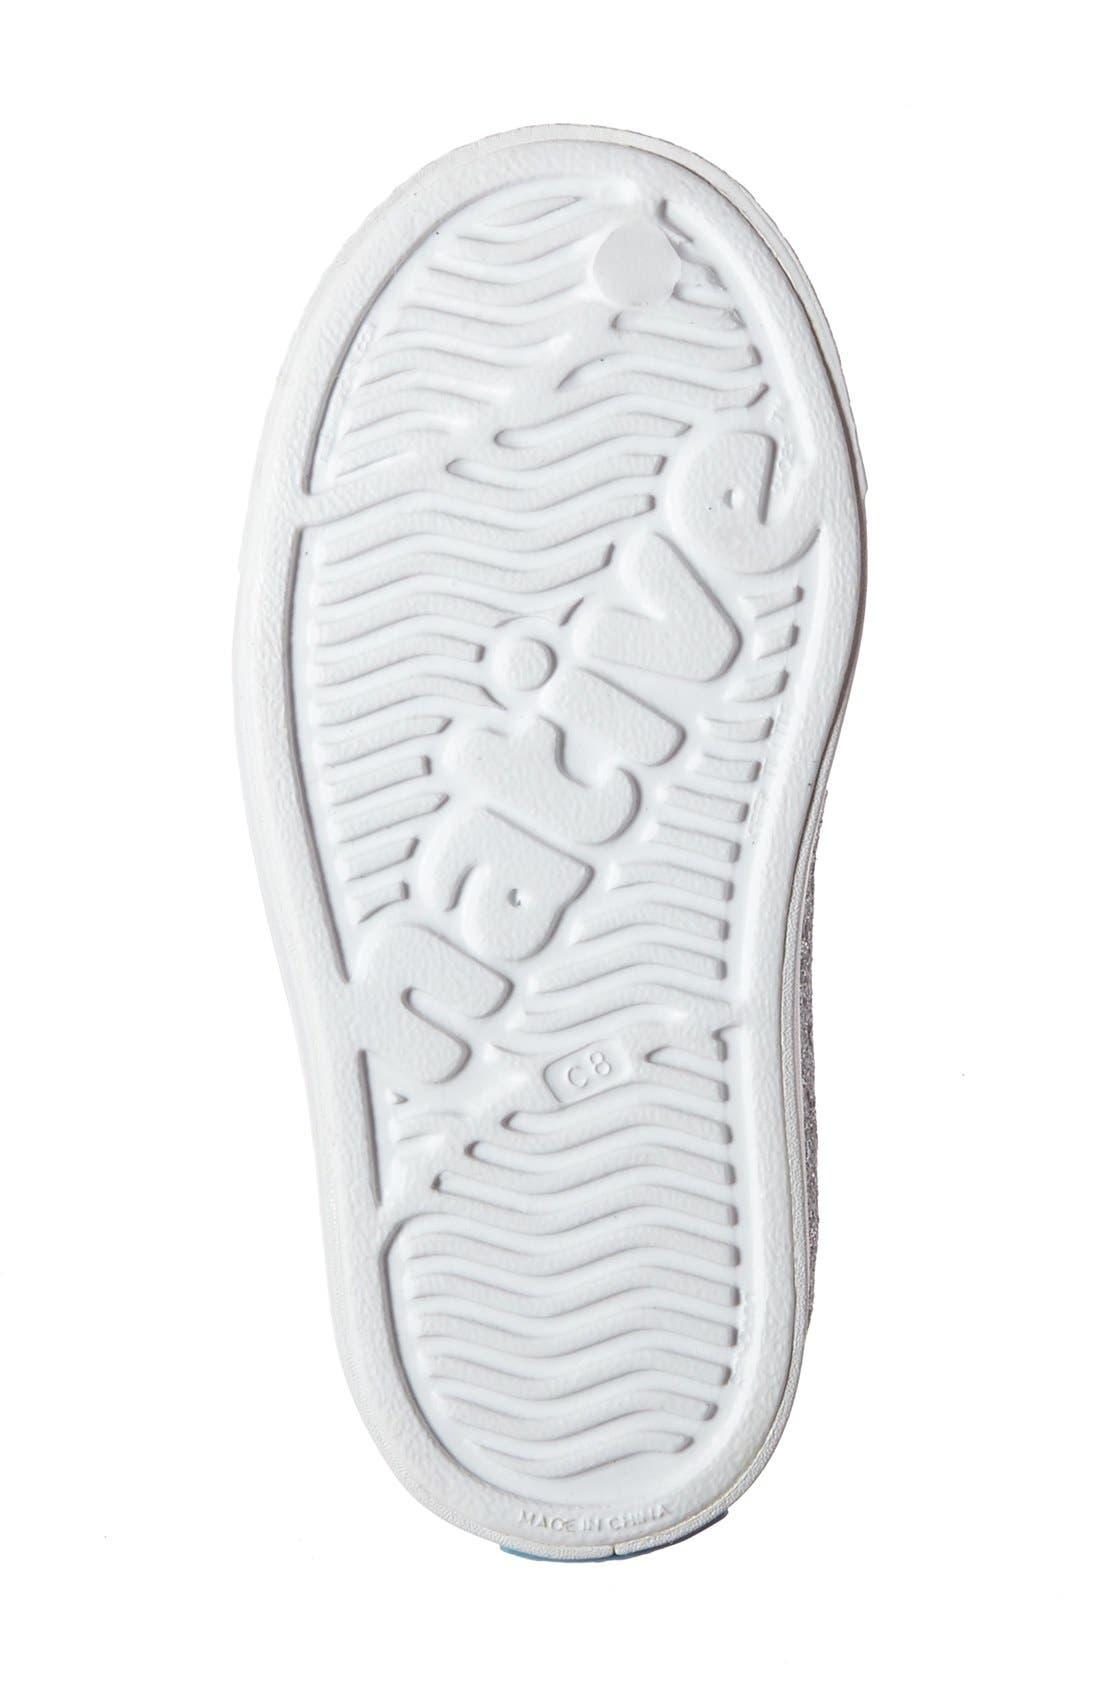 Alternate Image 4  - Native Shoes 'Jefferson - Bling' Slip-On Sneaker (Baby, Walker, Toddler & Little Kid)